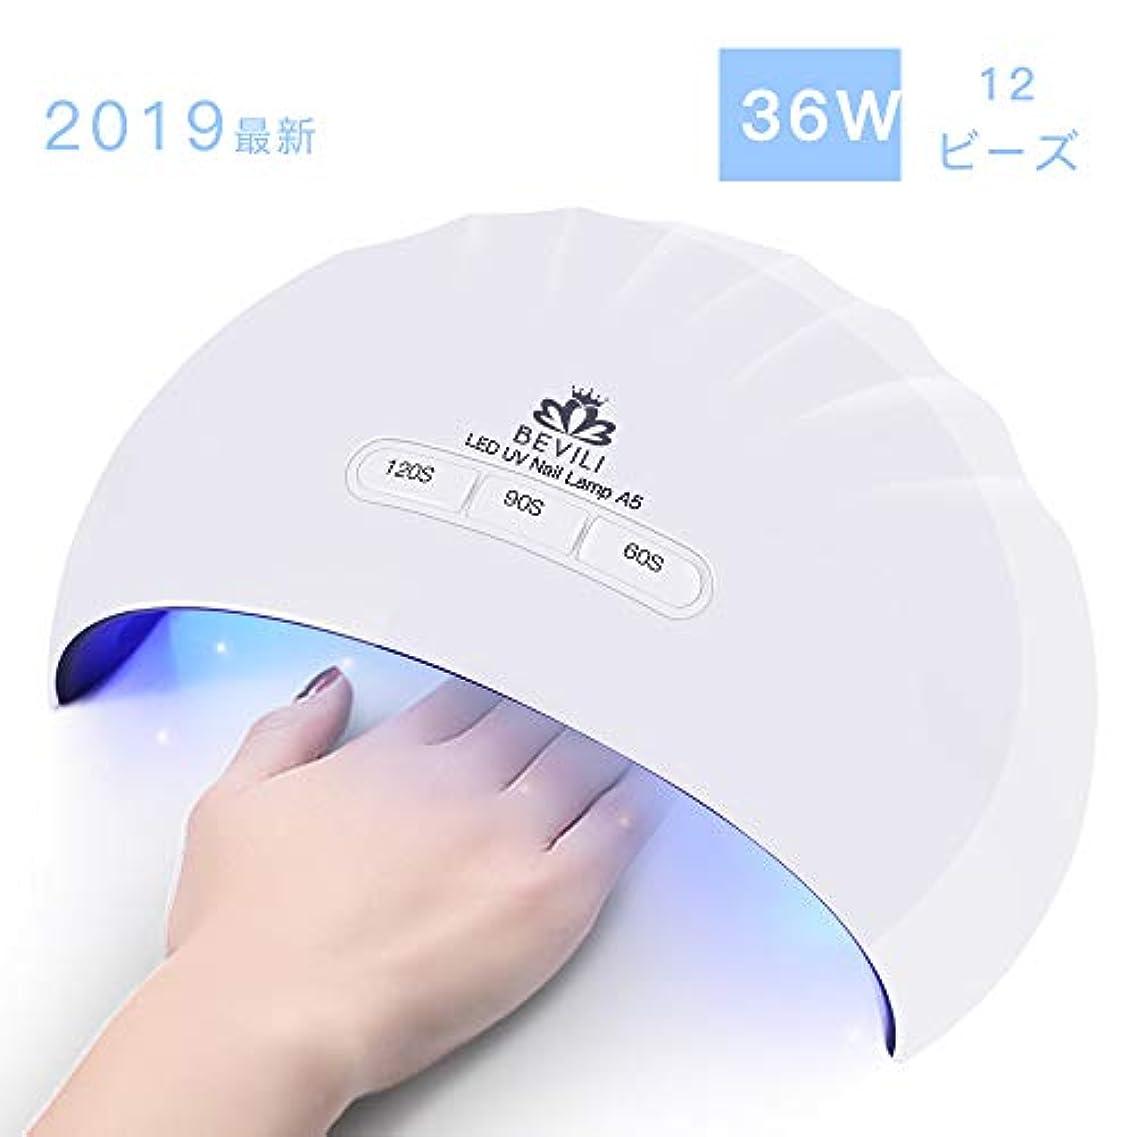 ナット地震傀儡硬化用UV/LEDライトジェルネイルライト 肌をケア センサータイマー付き UVライト 速乾UV ネイル ハンドフット両用 ネイル led ライト USB対応